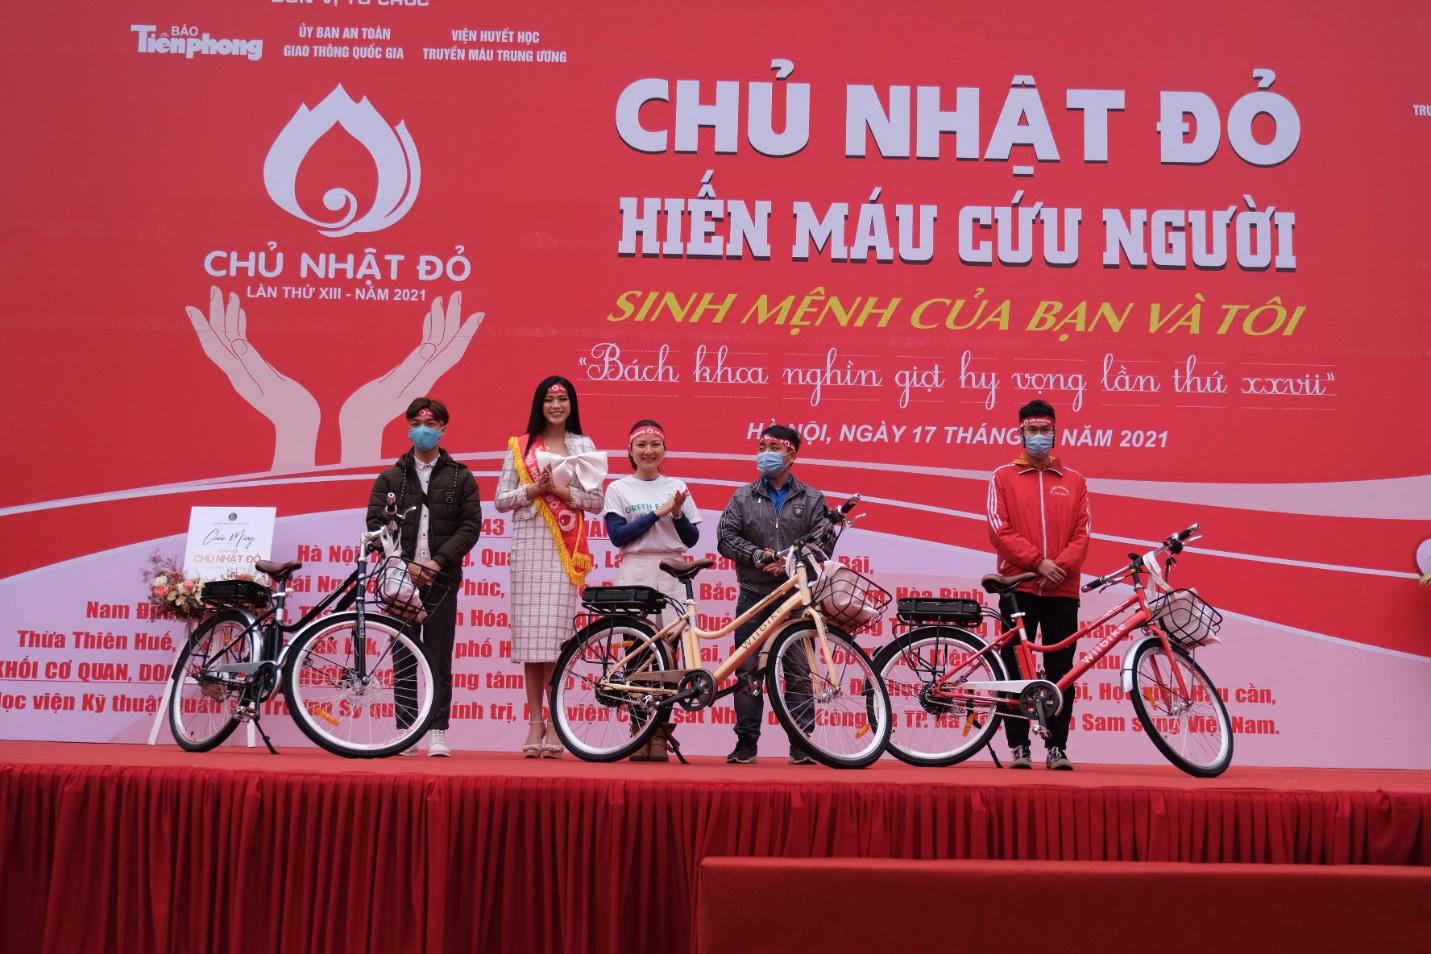 Hoa hậu Đỗ Thị Hà và Wiibike tặng xe đạp trợ lực điện cho 3 chàng trai Bách Khoa hiến máu nhiều nhất - Ảnh 4.